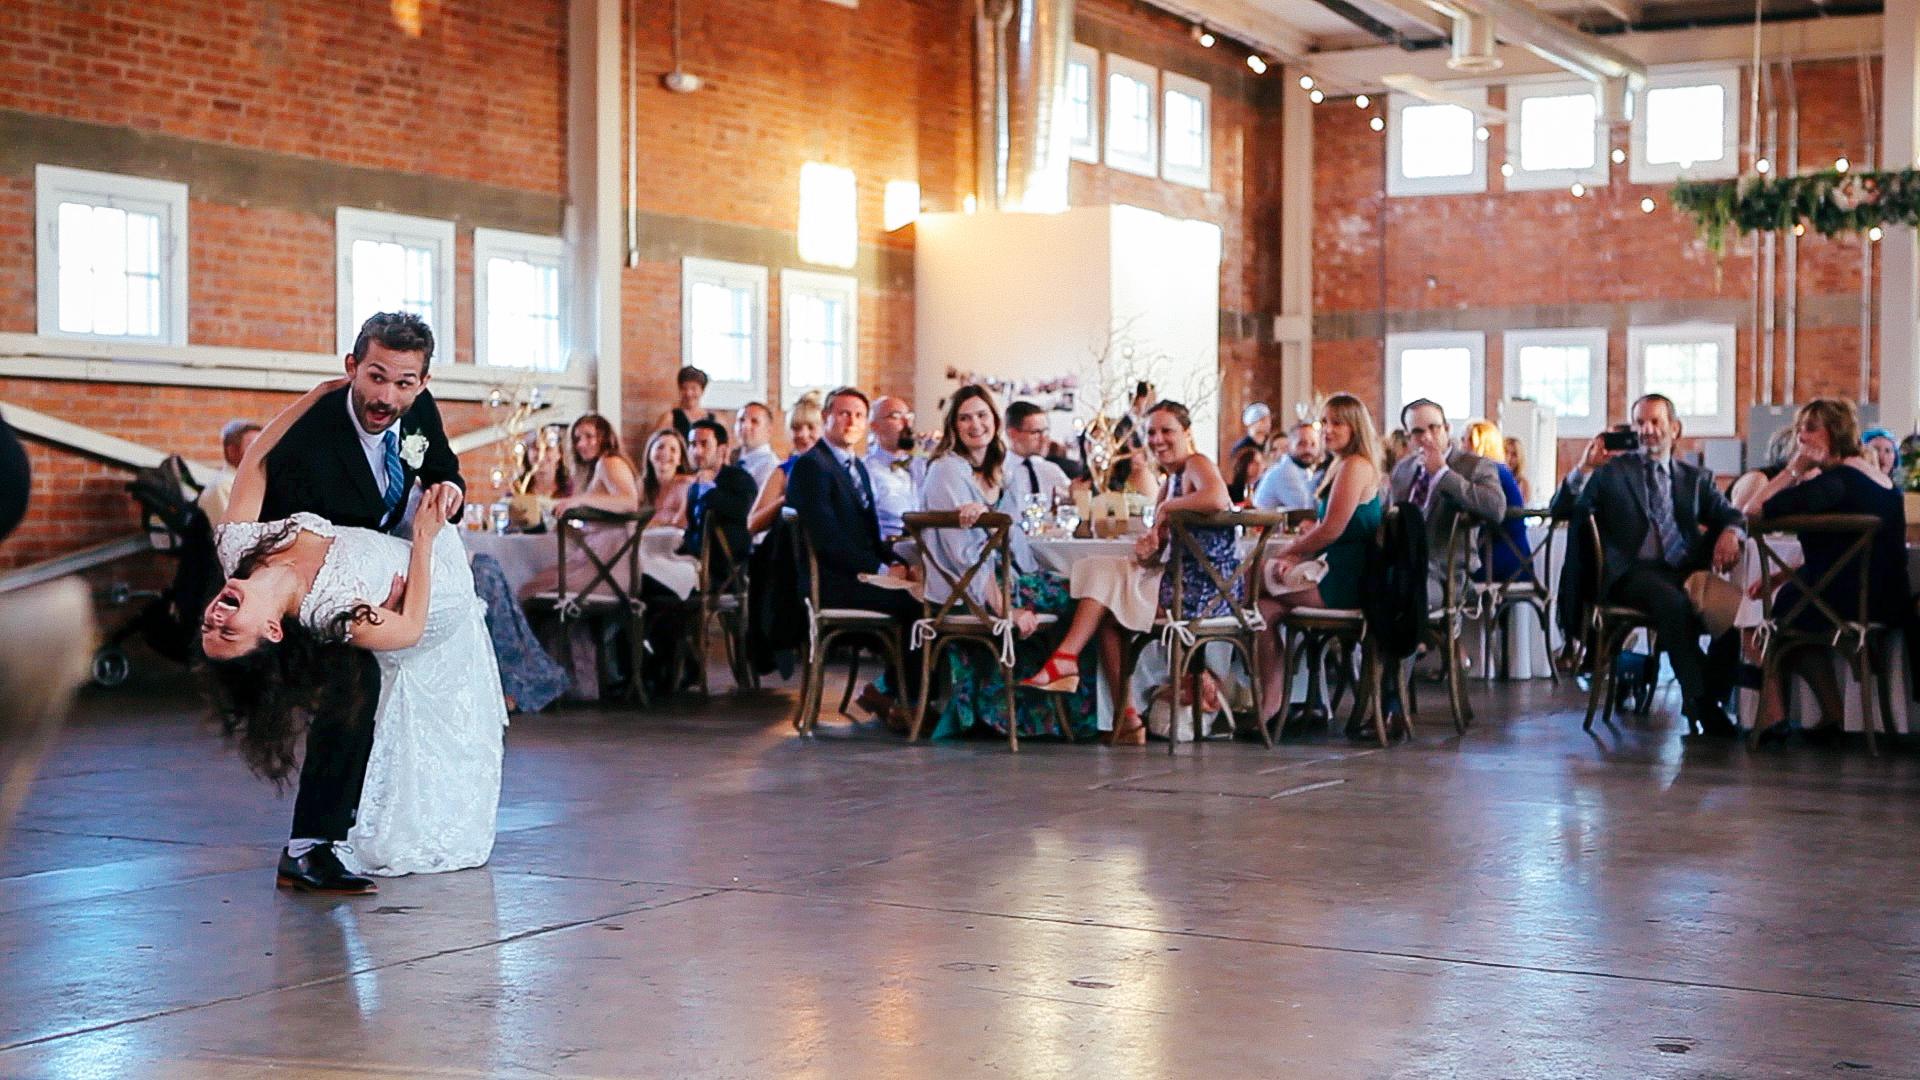 wandering_study_san_diego_wedding_first_dance.jpg